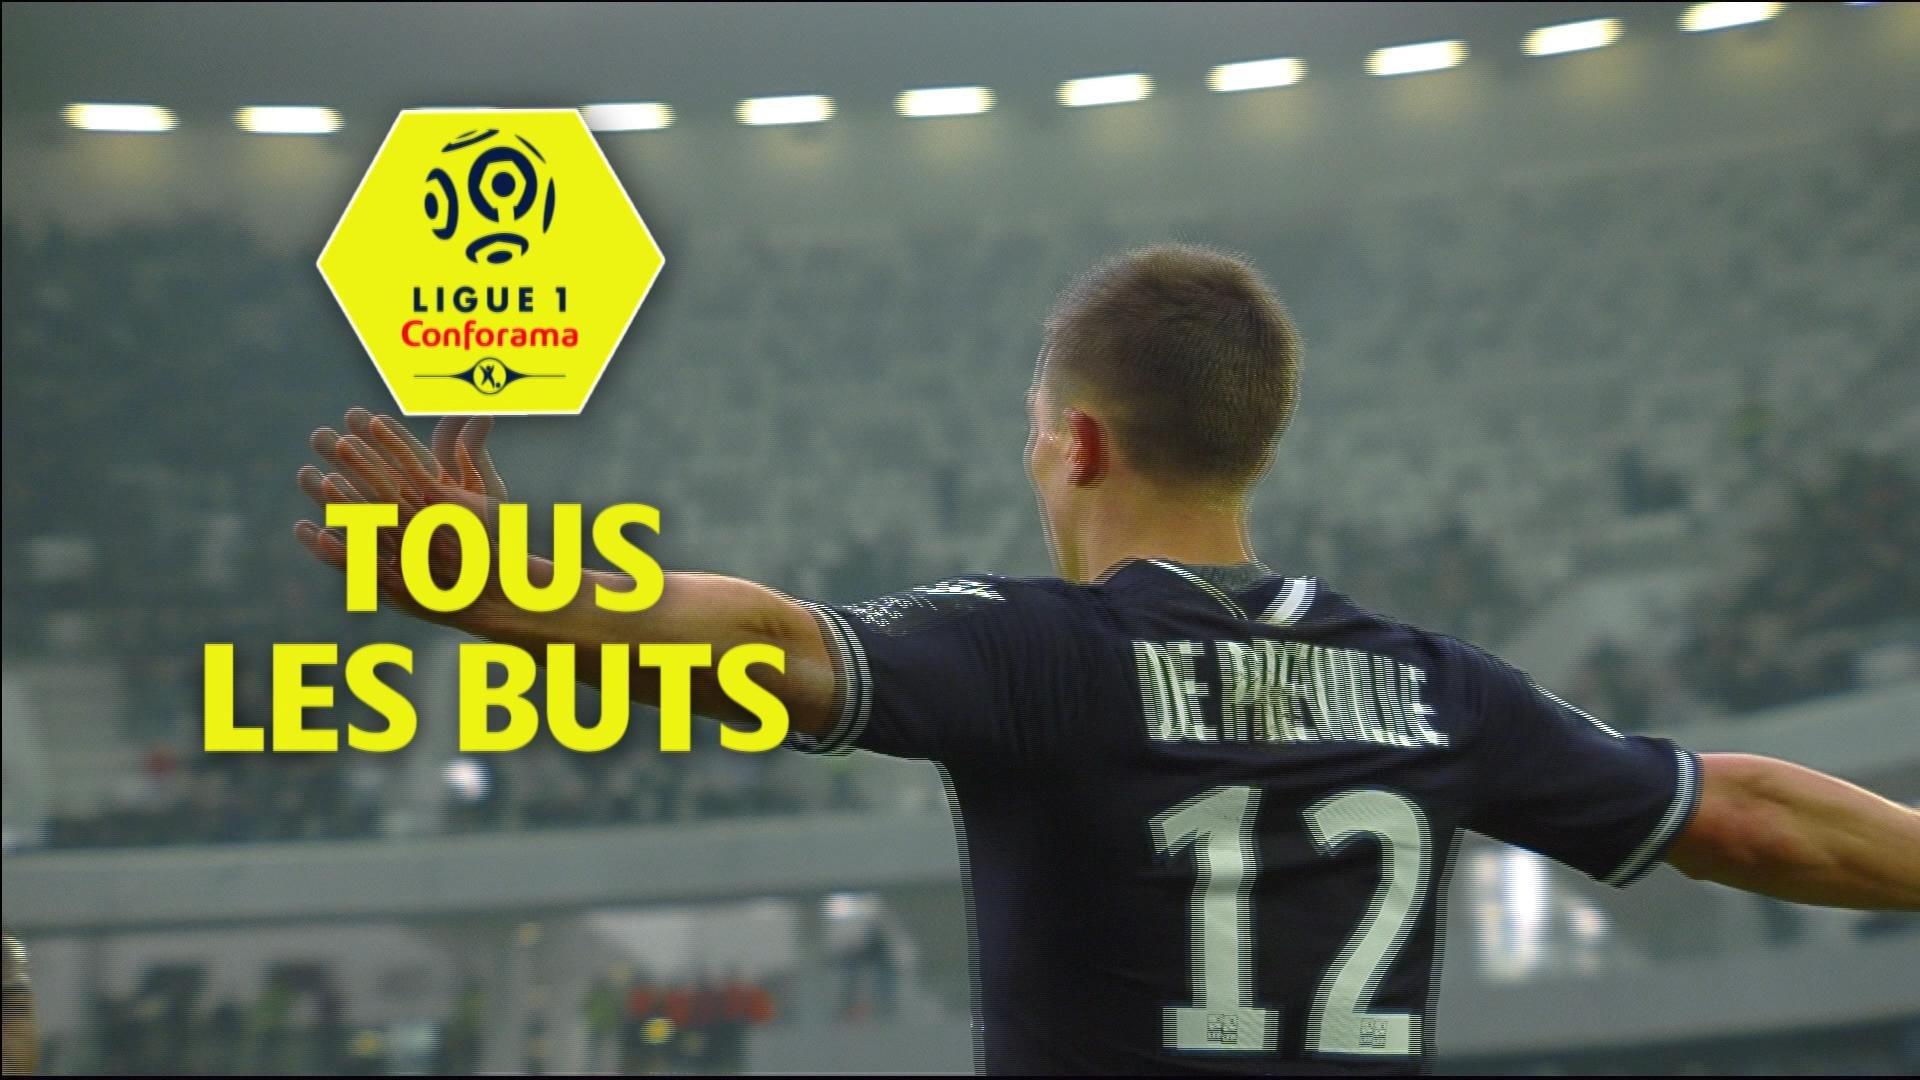 Tous les buts de la 23ème journée - Ligue 1 Conforama / 2017-18